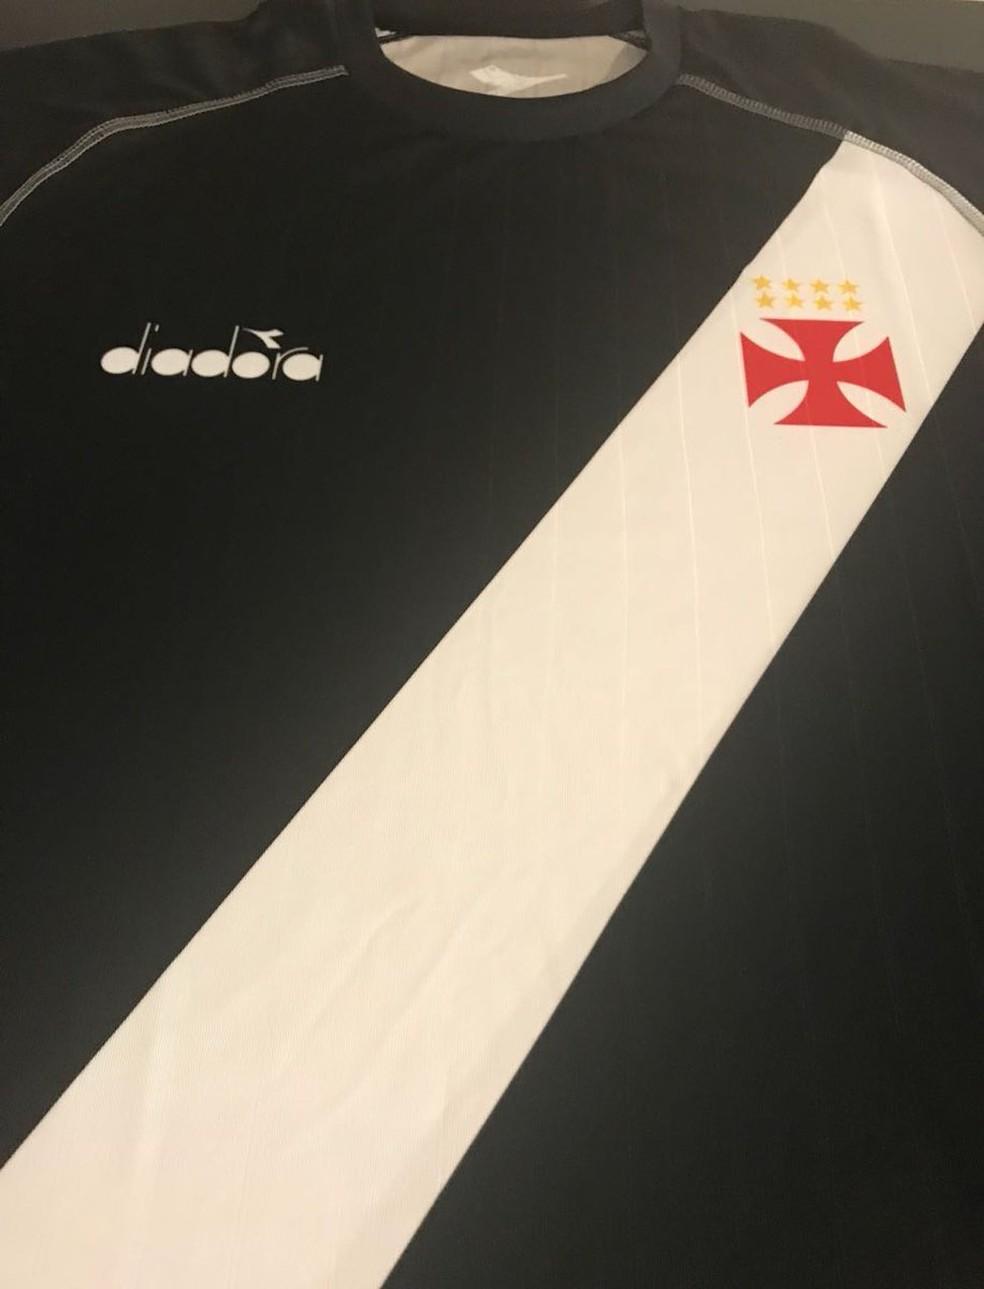 c1fa3ffc01 Confira o novo uniforme